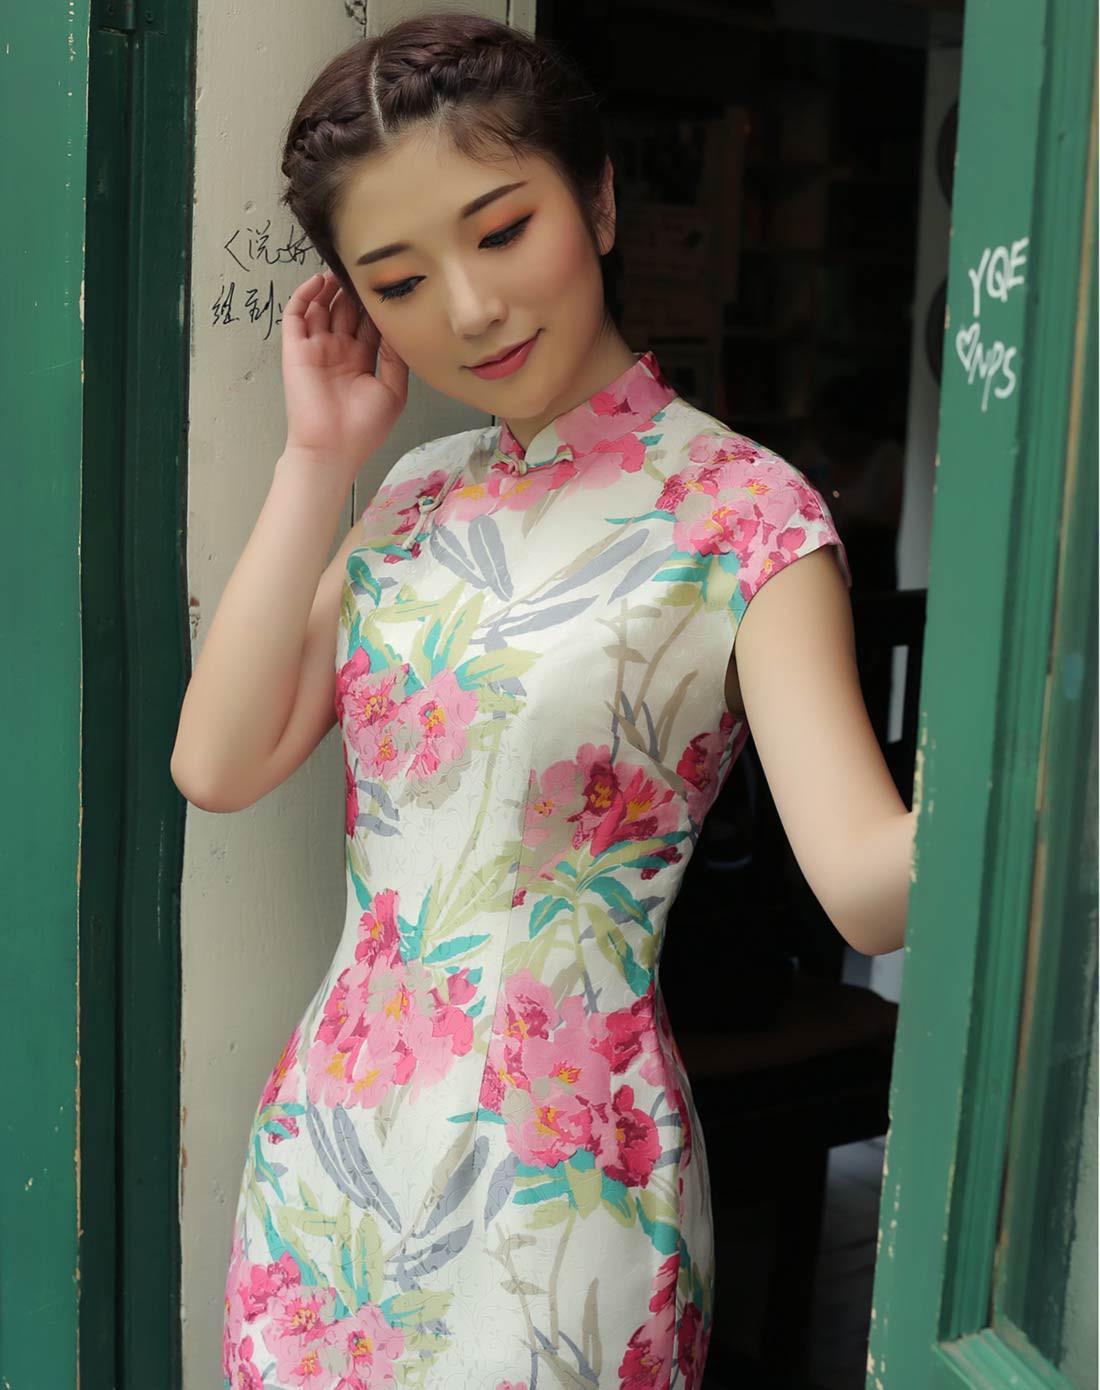 真丝旗袍裙图片